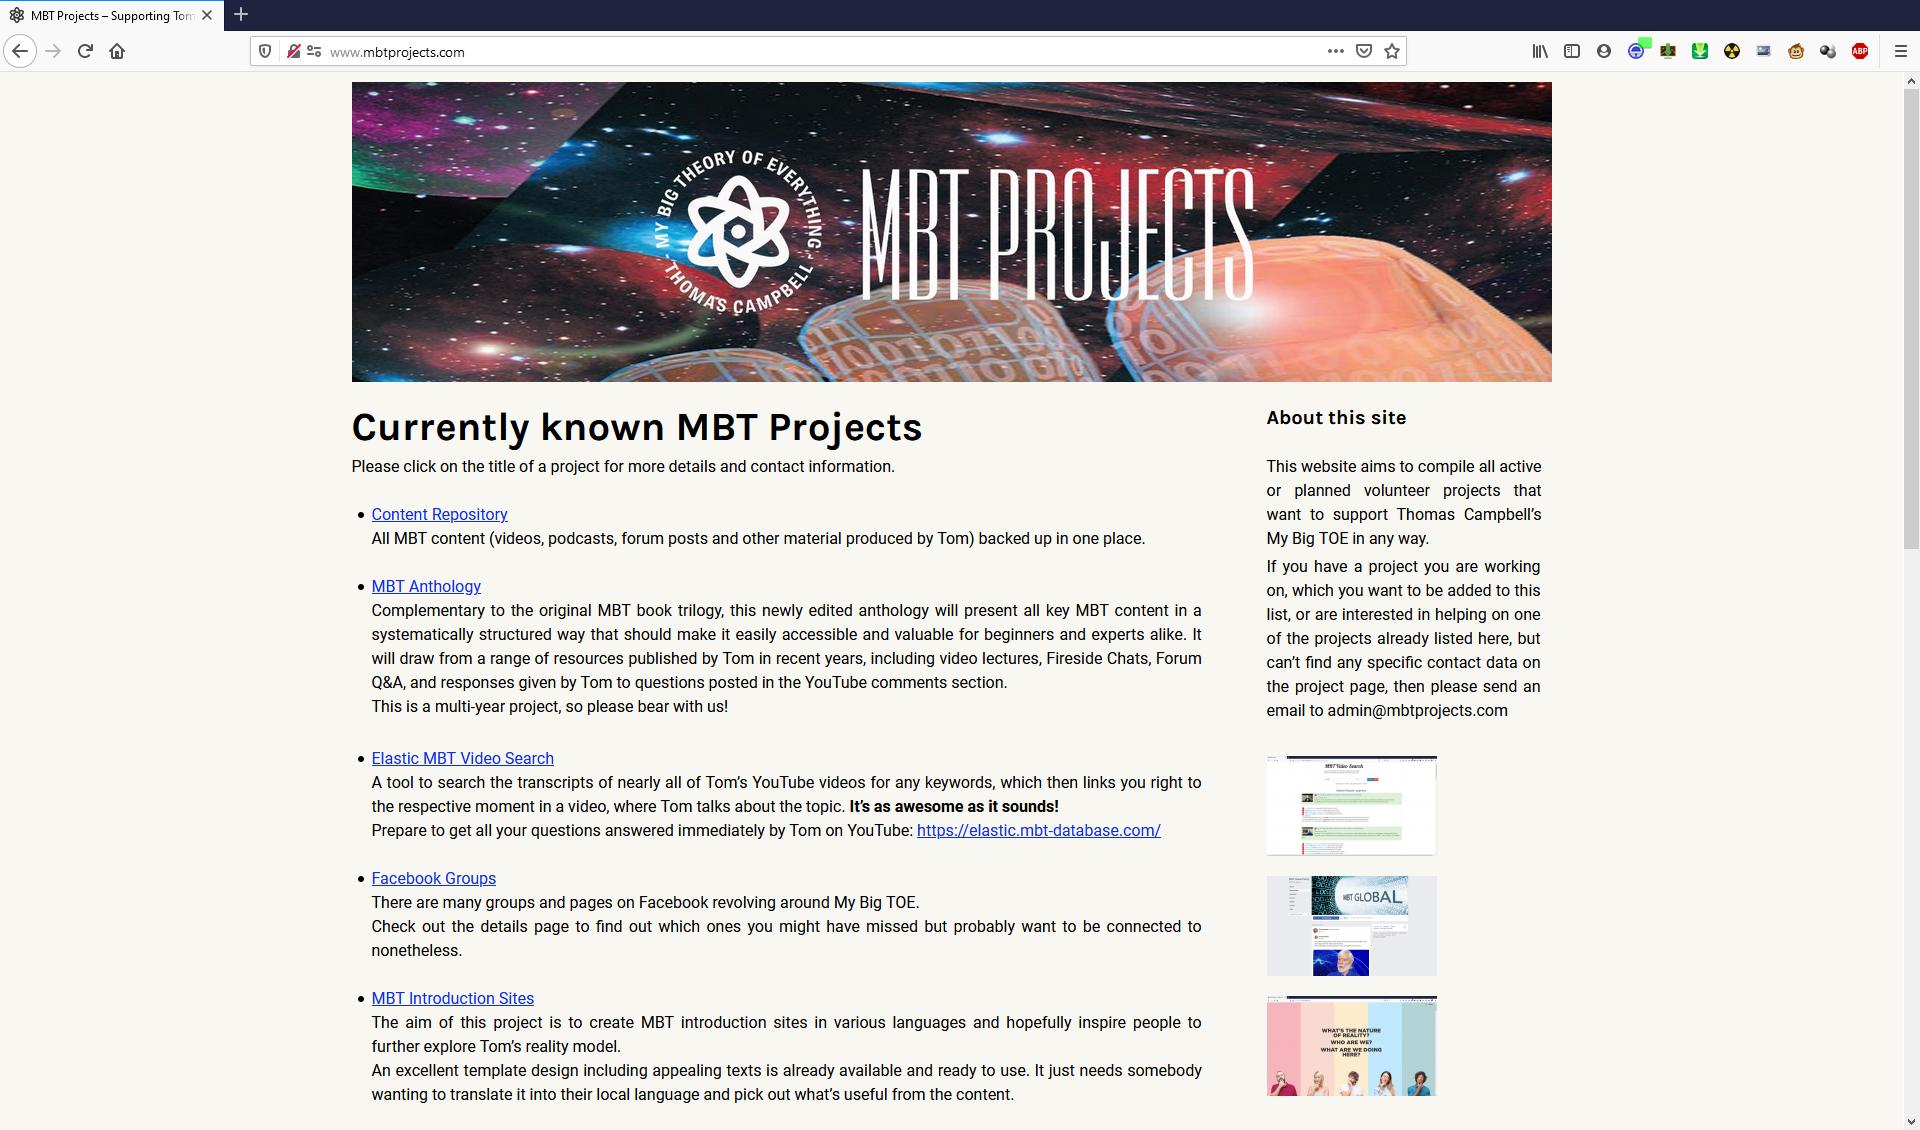 MBTProjects.com Screenshot